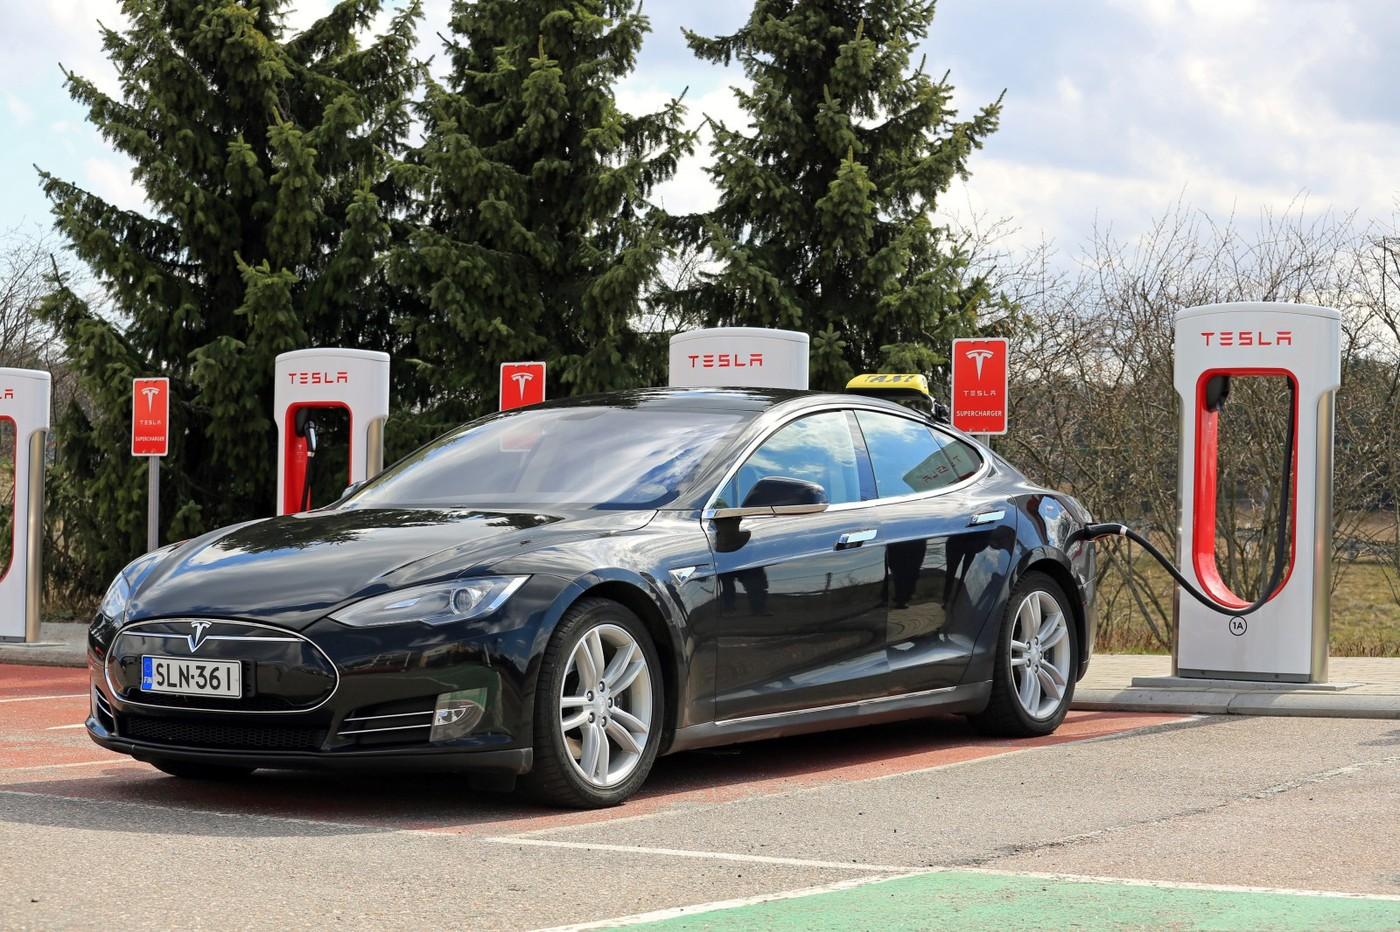 要買要快?特斯拉宣布2017年以後下訂單的車輛,使用超級充電站需收費